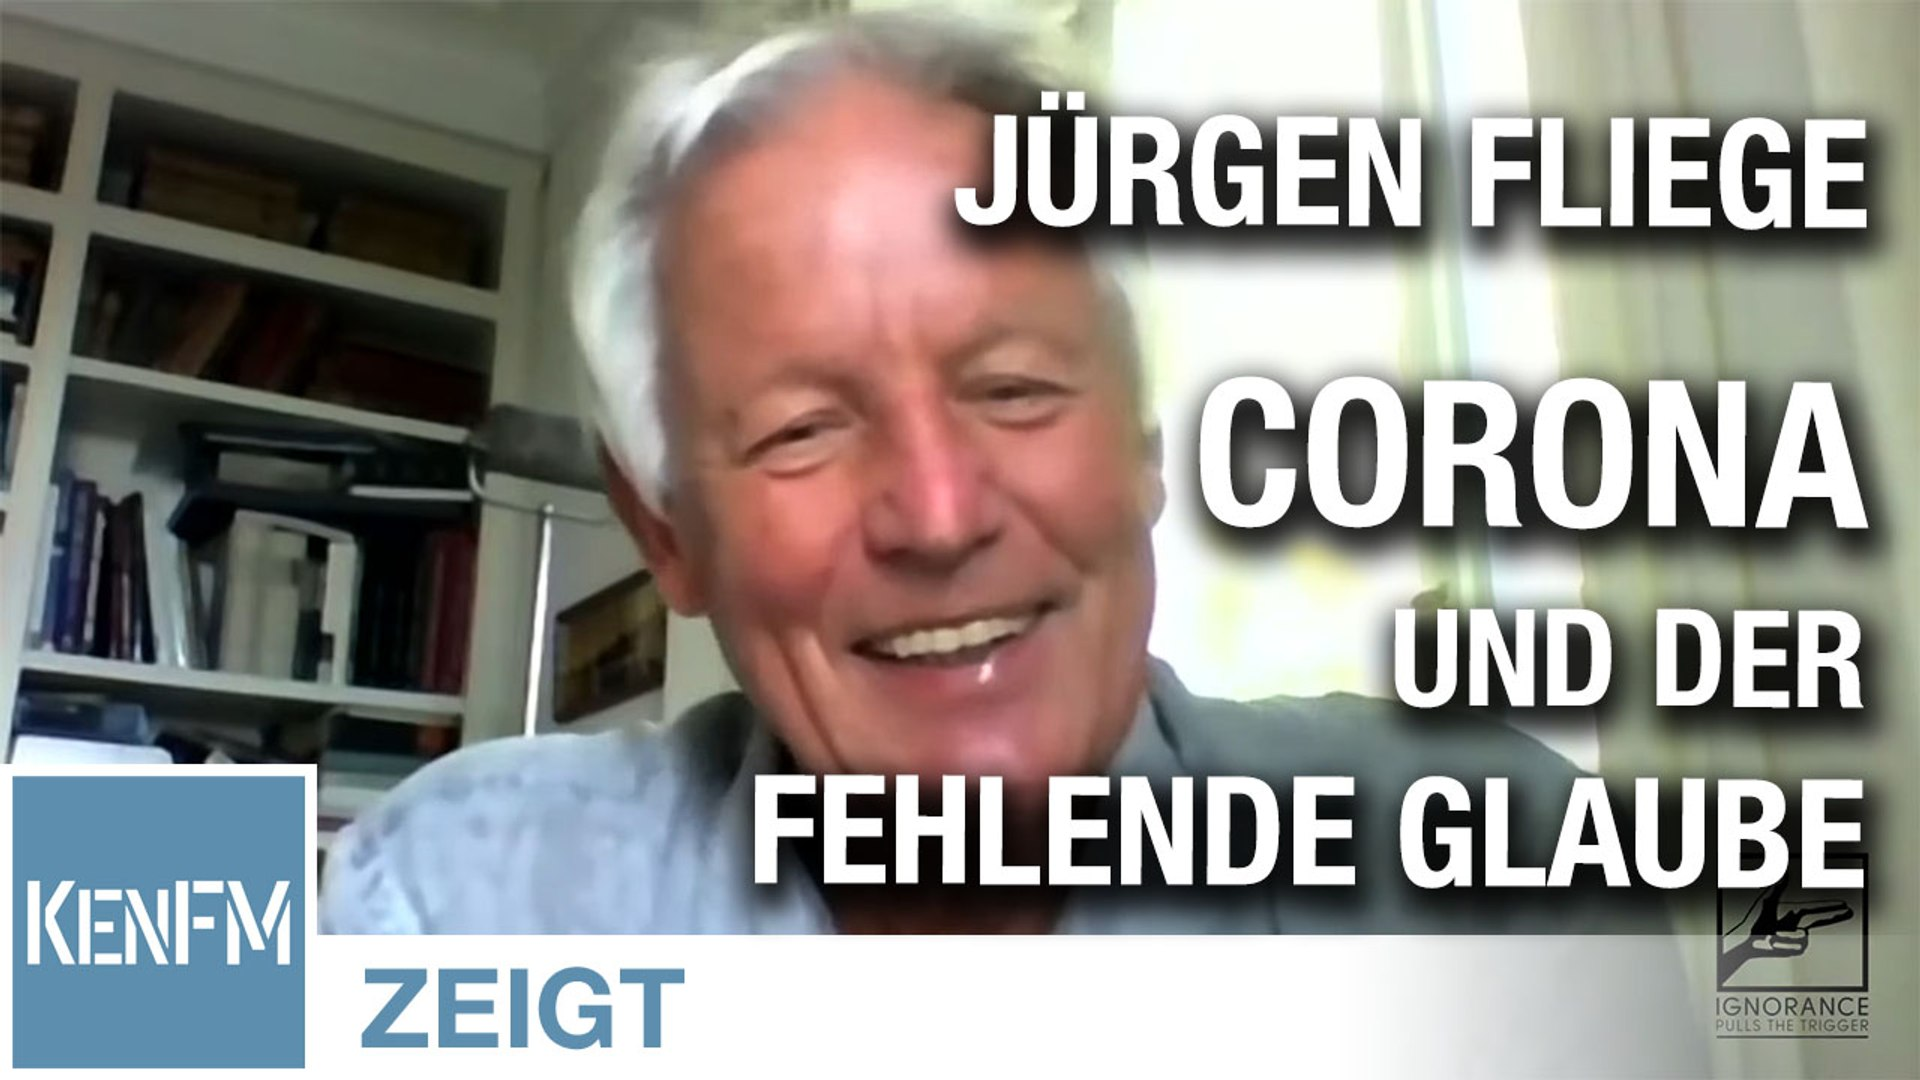 Jürgen Fliege – Corona und der fehlende Glaube